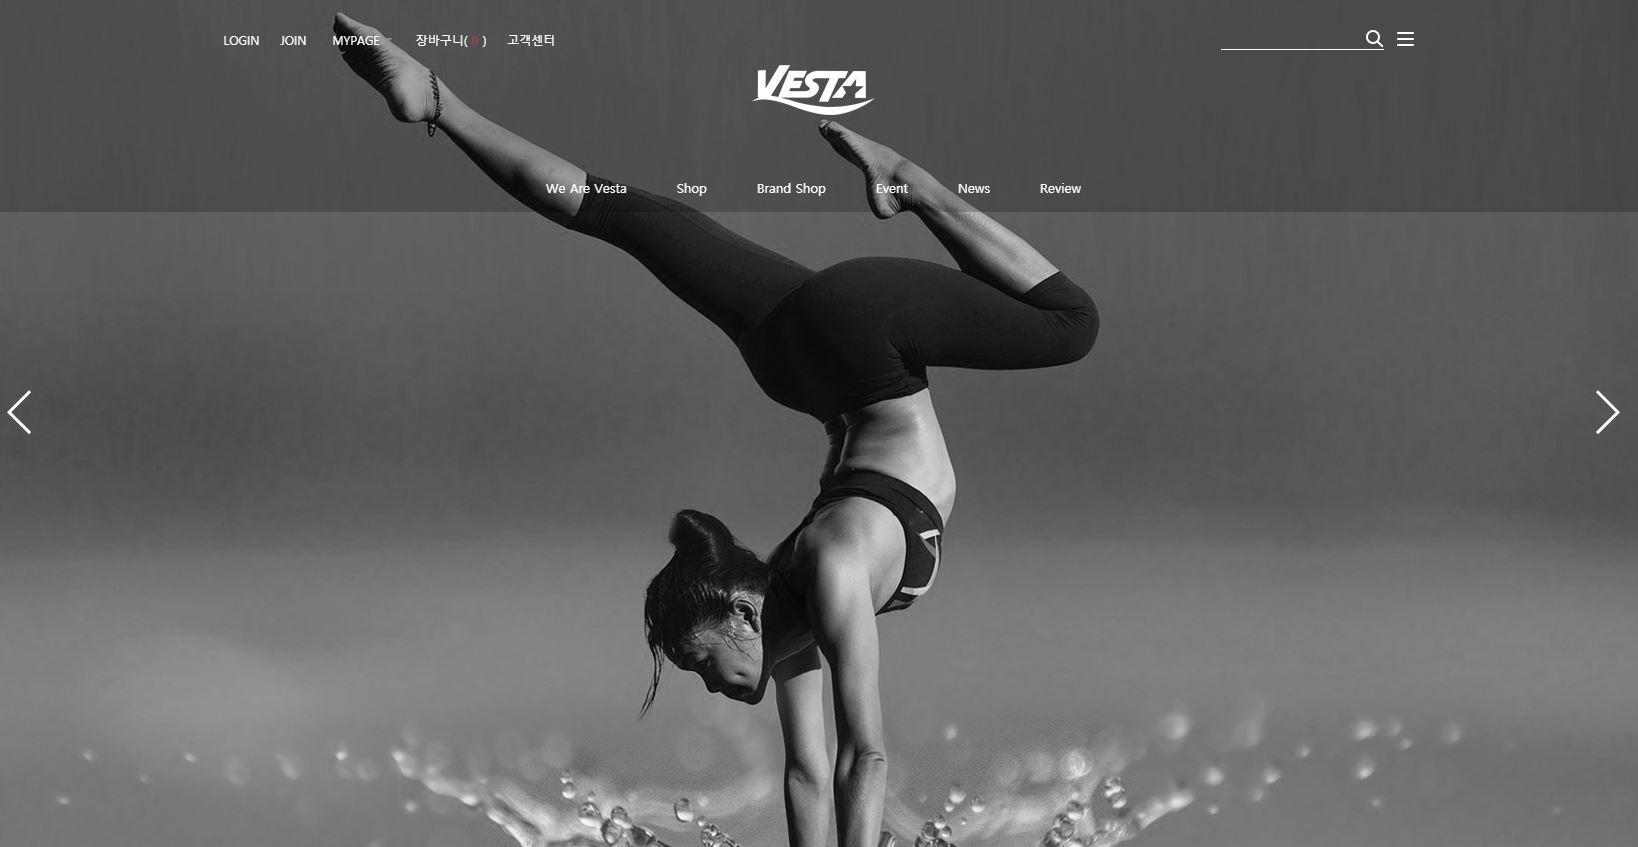 스포츠 브랜드 - 베스타